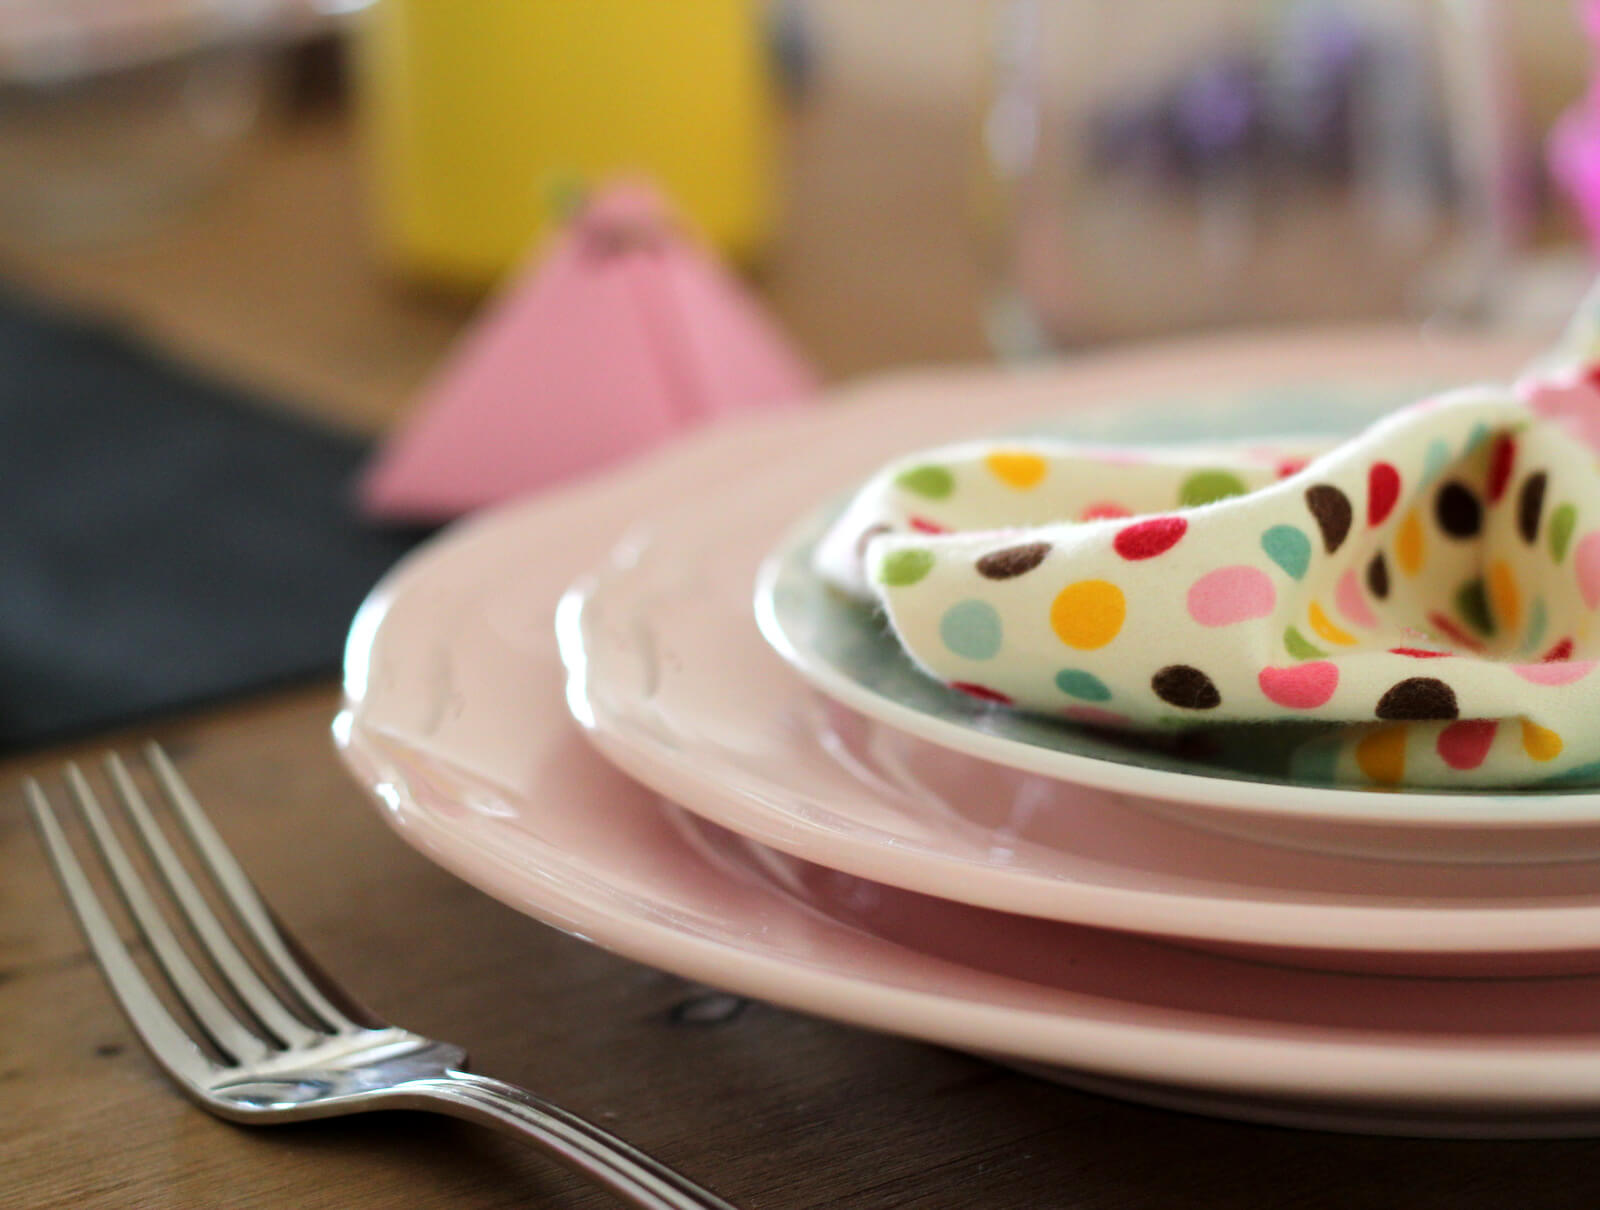 סידור שולחן חג צבעוני ובעלויות נמוכות בעיצוב לירון גונן ולירון אוטמזגין